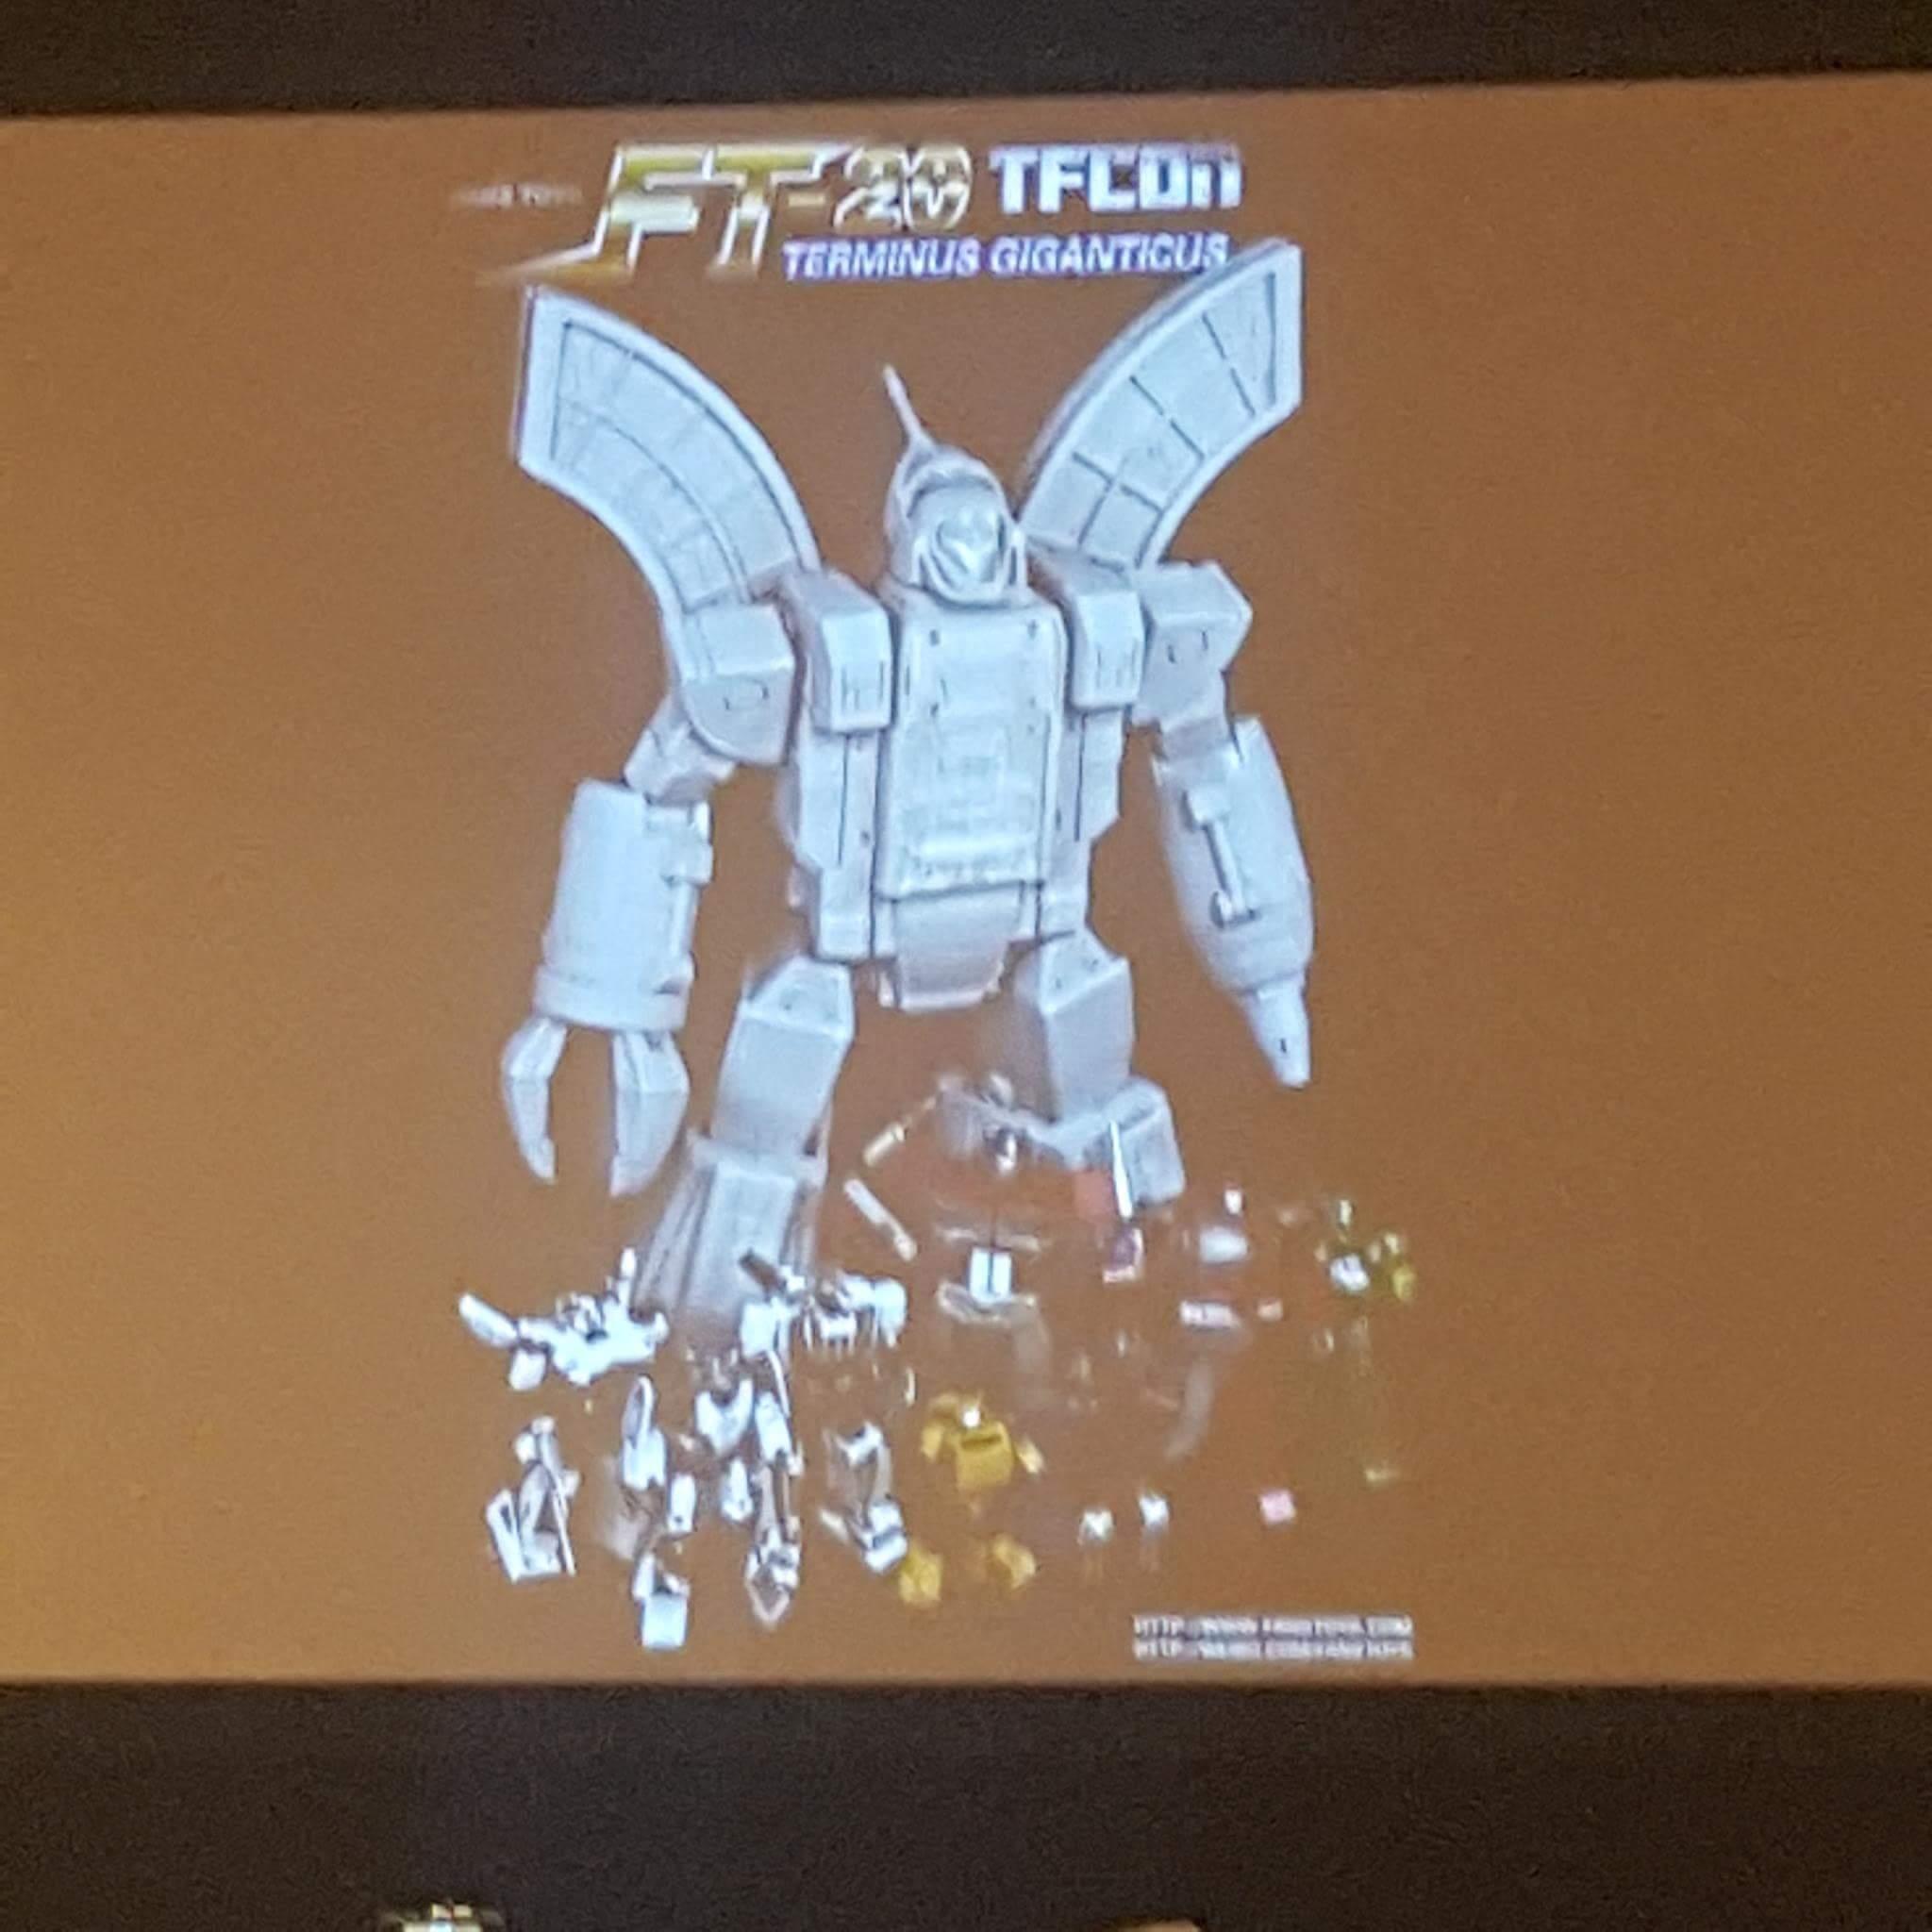 [Fanstoys] Produit Tiers - Jouets FT-20 et FT-20G Terminus Giganticus - aka Oméga Suprême et Omega Sentinel (Gardien de Cybertron) 1fhDZdDU